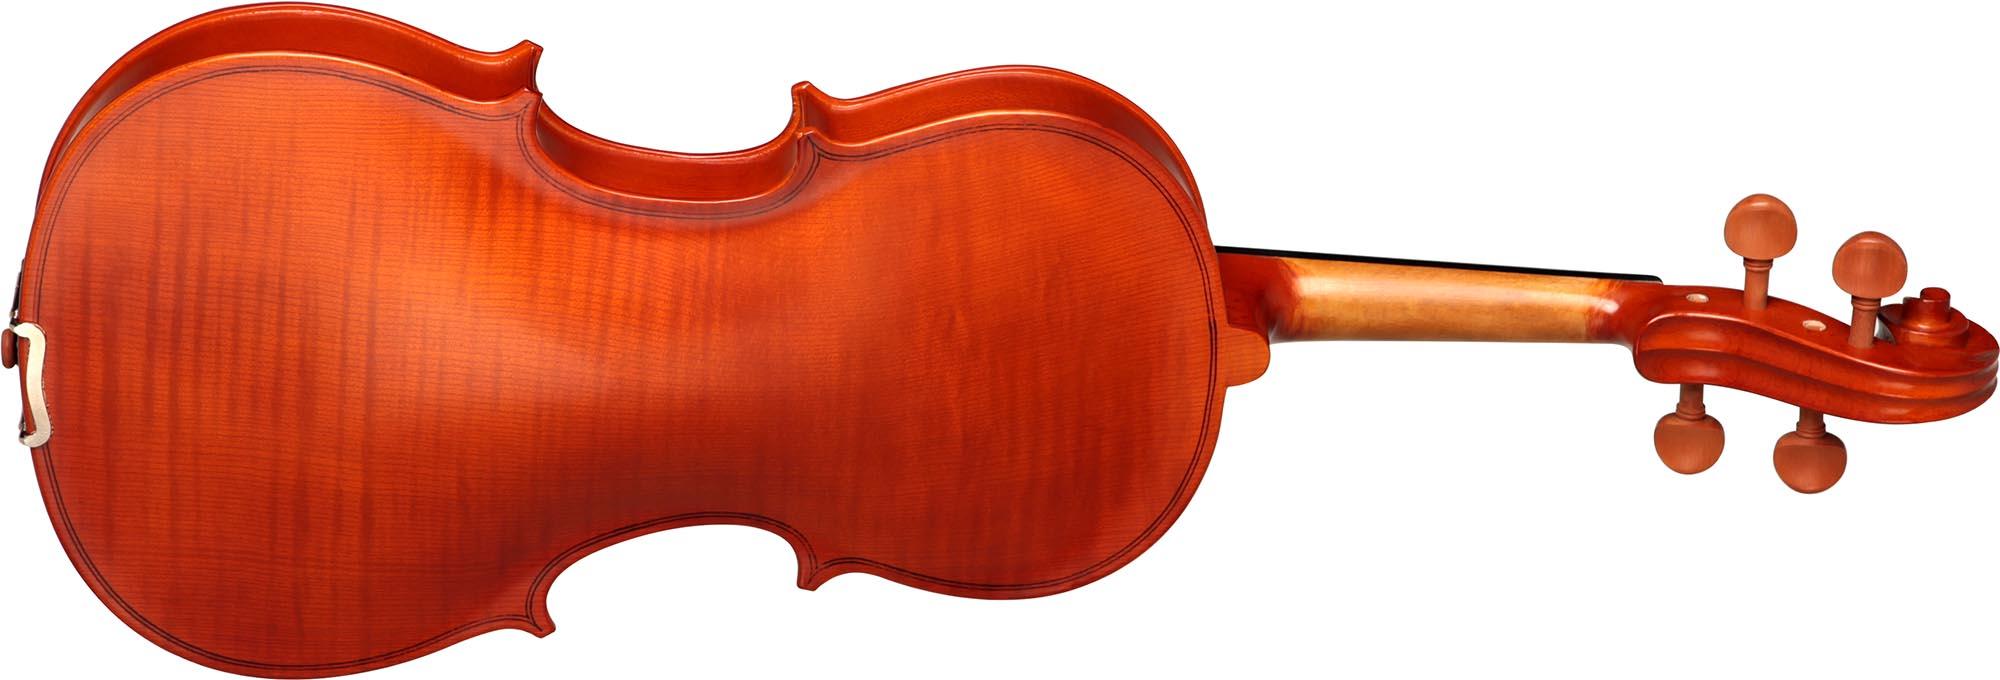 hva120 viola hofma hva120 visao posterior